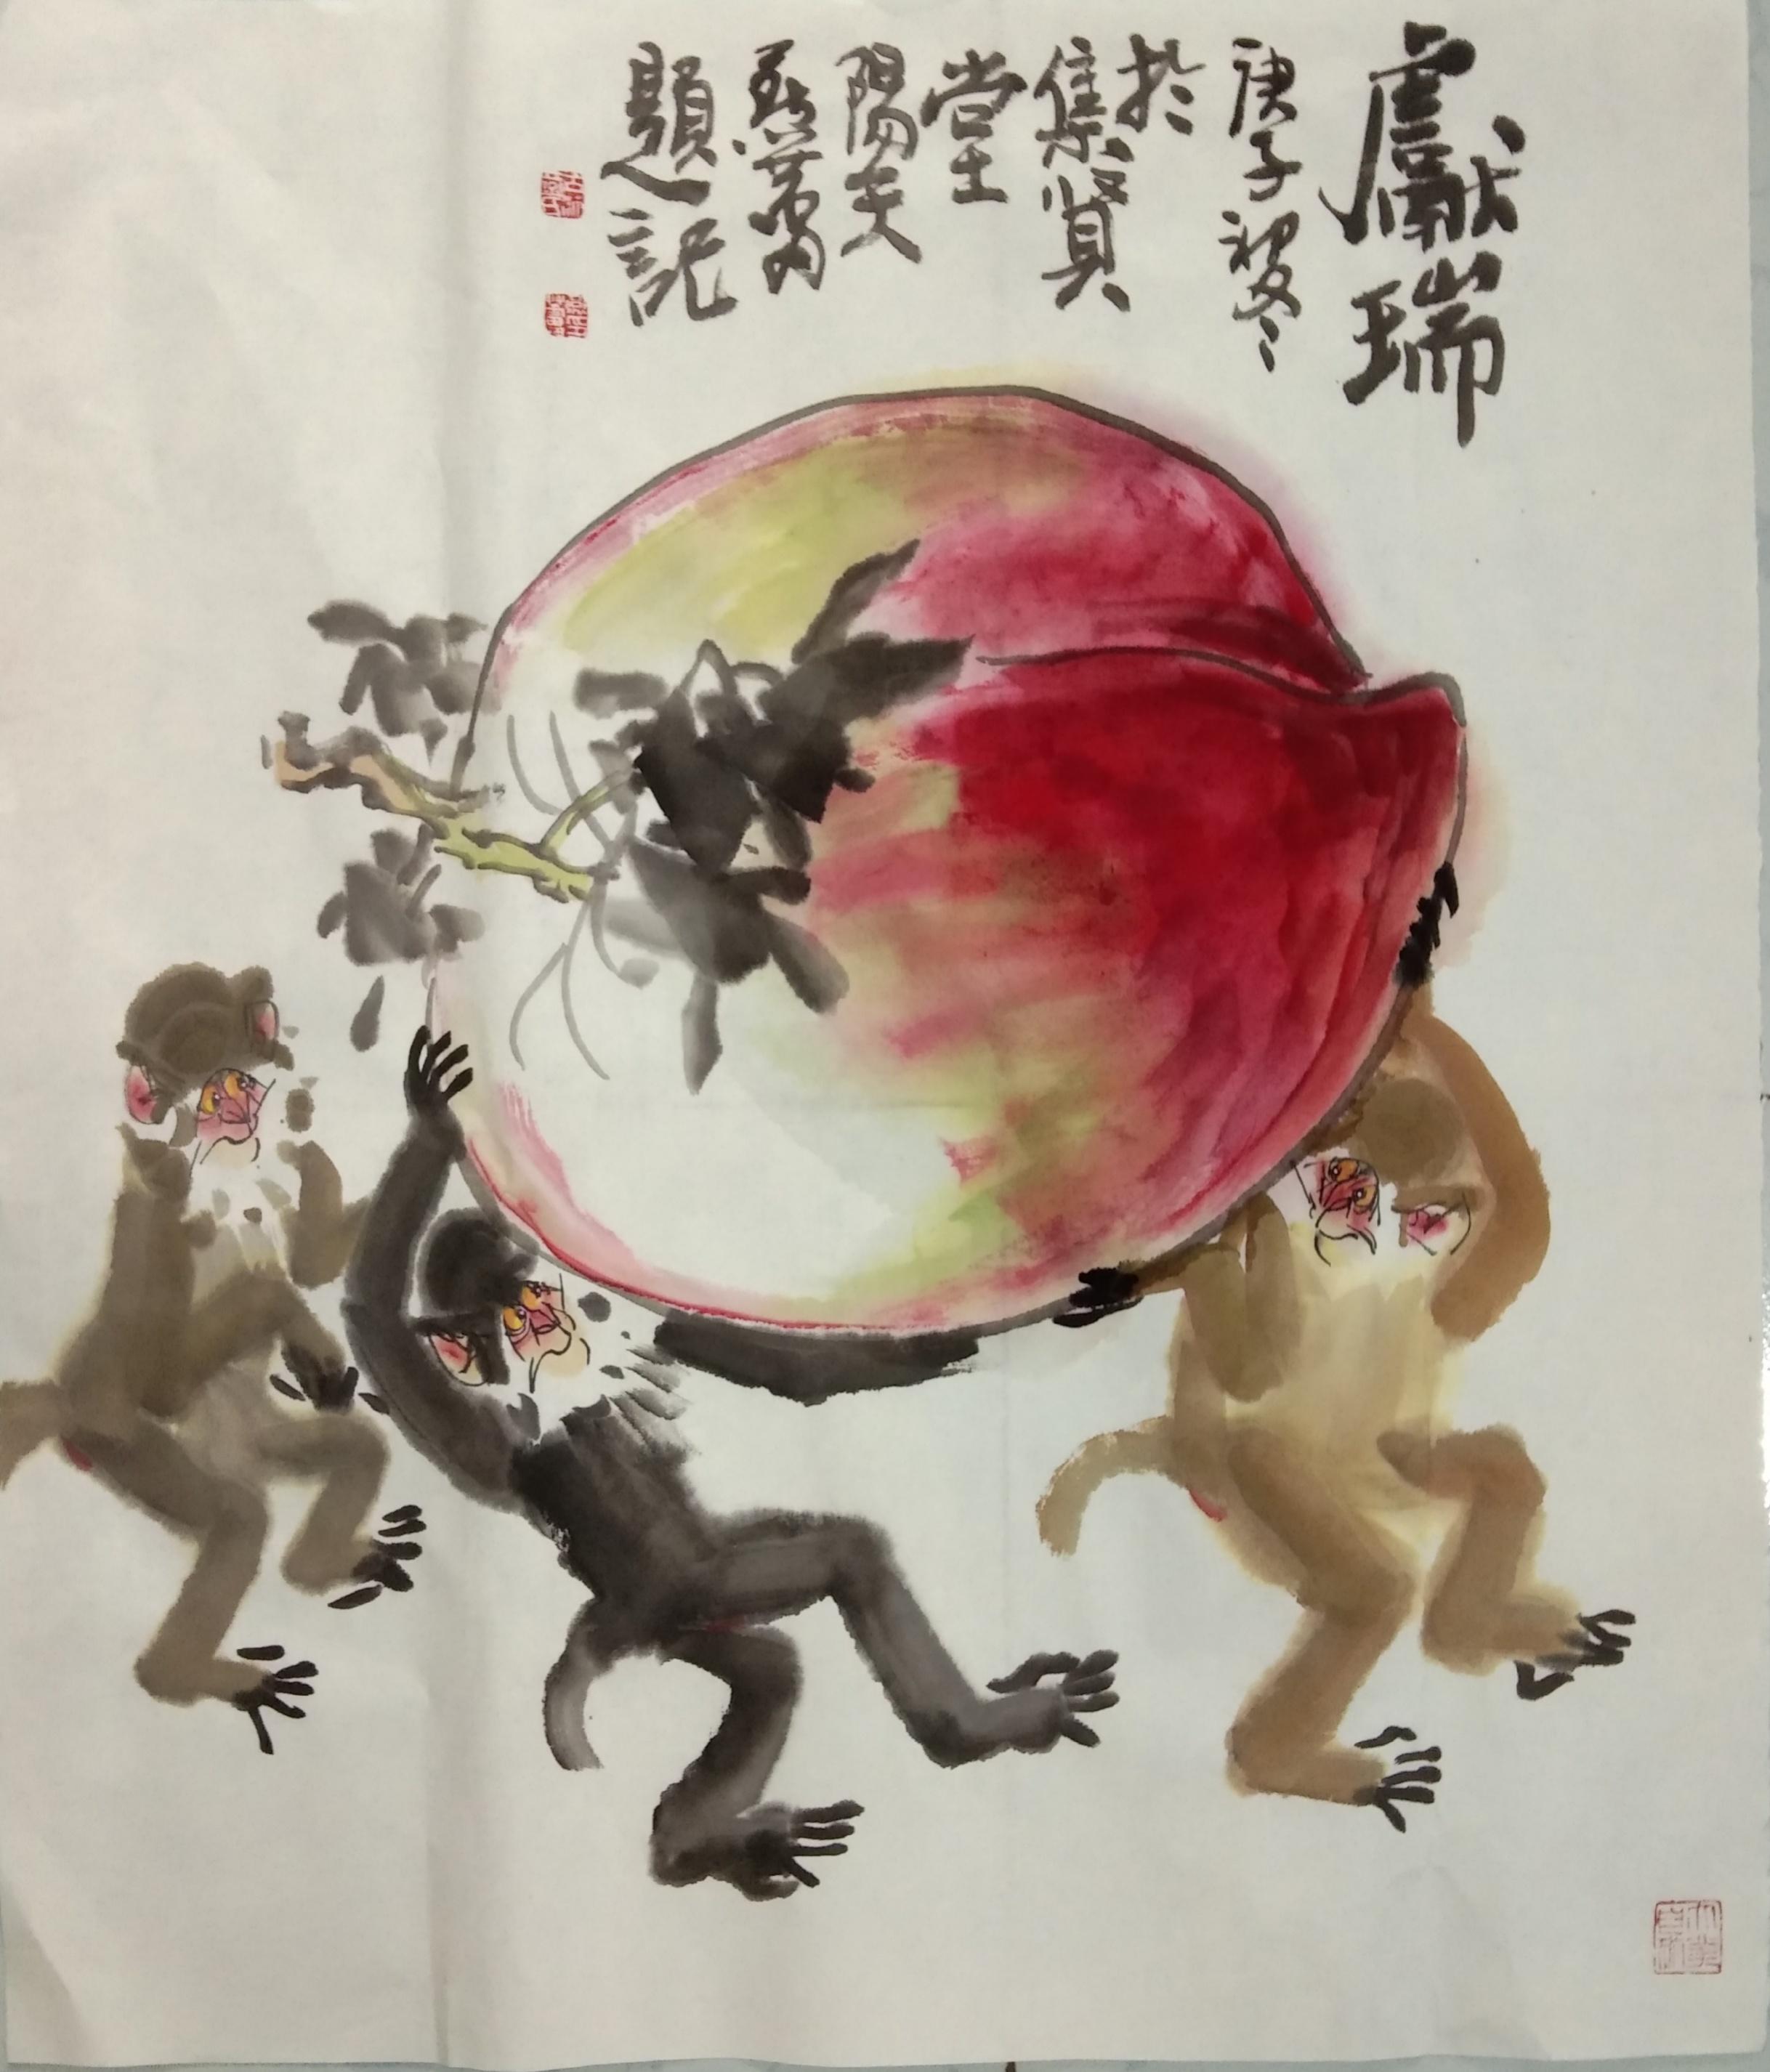 槐香斋书画院副院长燕蕾老师